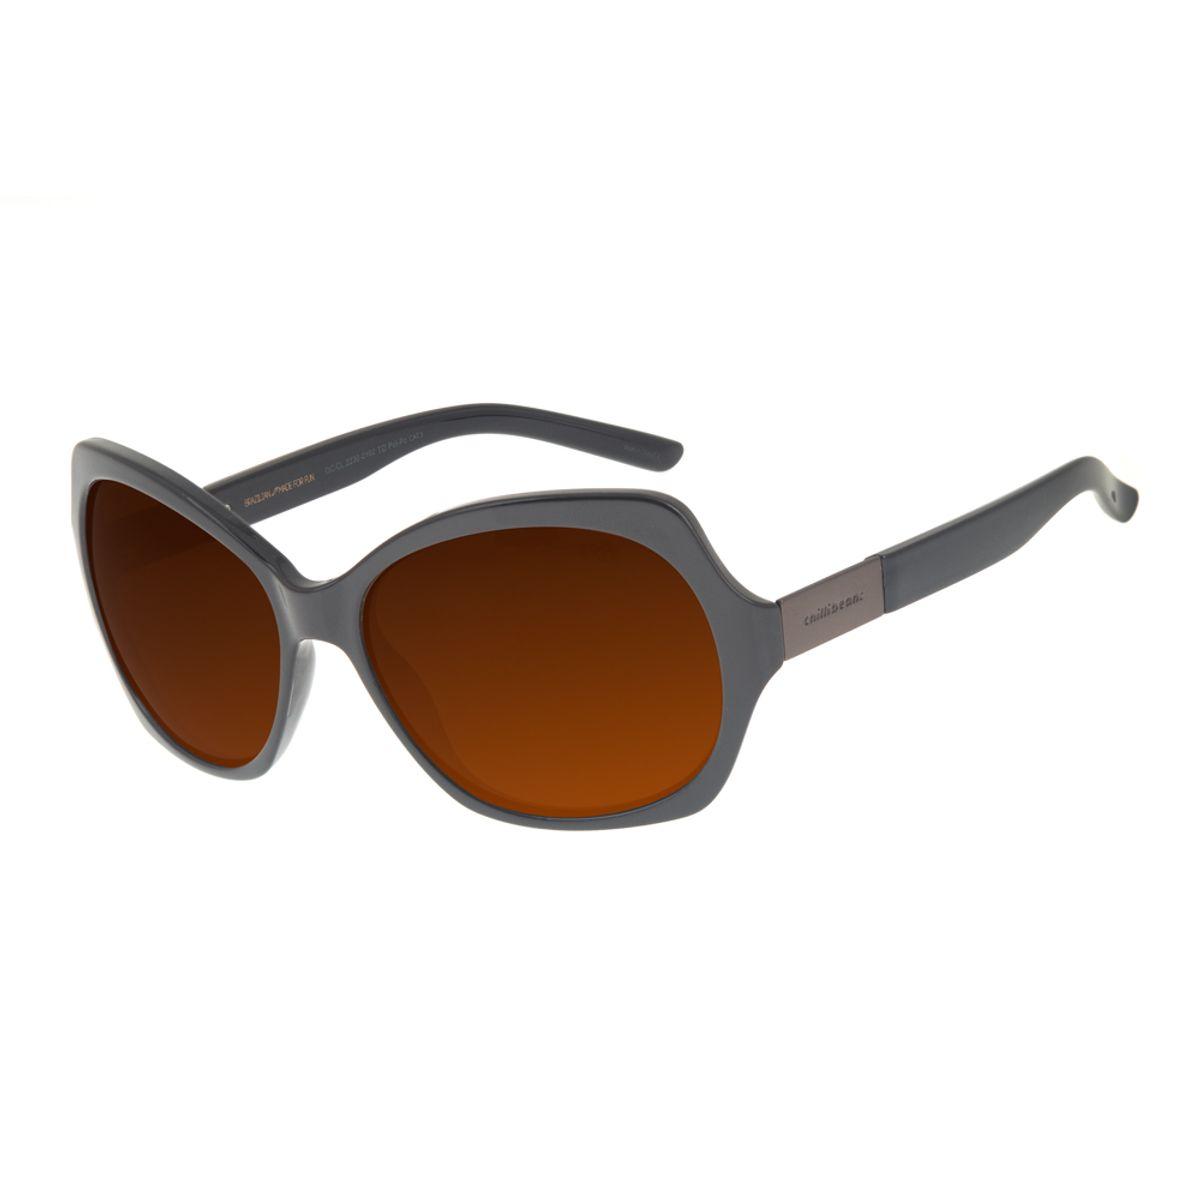 e5ffd0c53 Óculos de Sol Chilli Beans Feminino Quadrado Marrom Polarizado 2102 -  OC.CL.2230.2102. REF: OC.CL.2230.2102. OC.